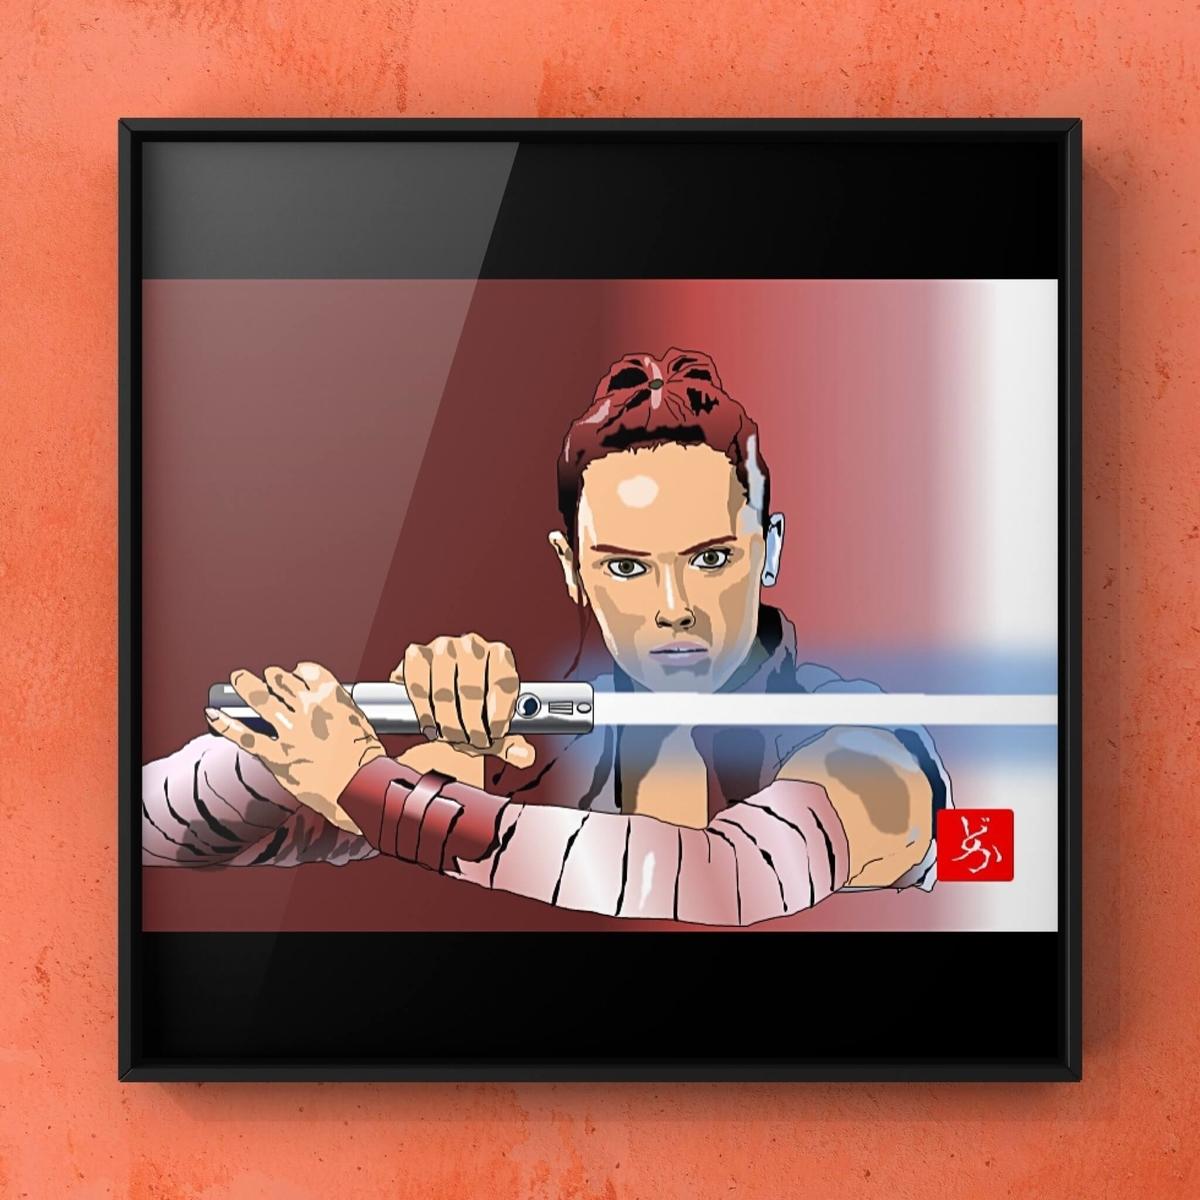 スターウォーズ9 レイのエクセル画イラスト額装版